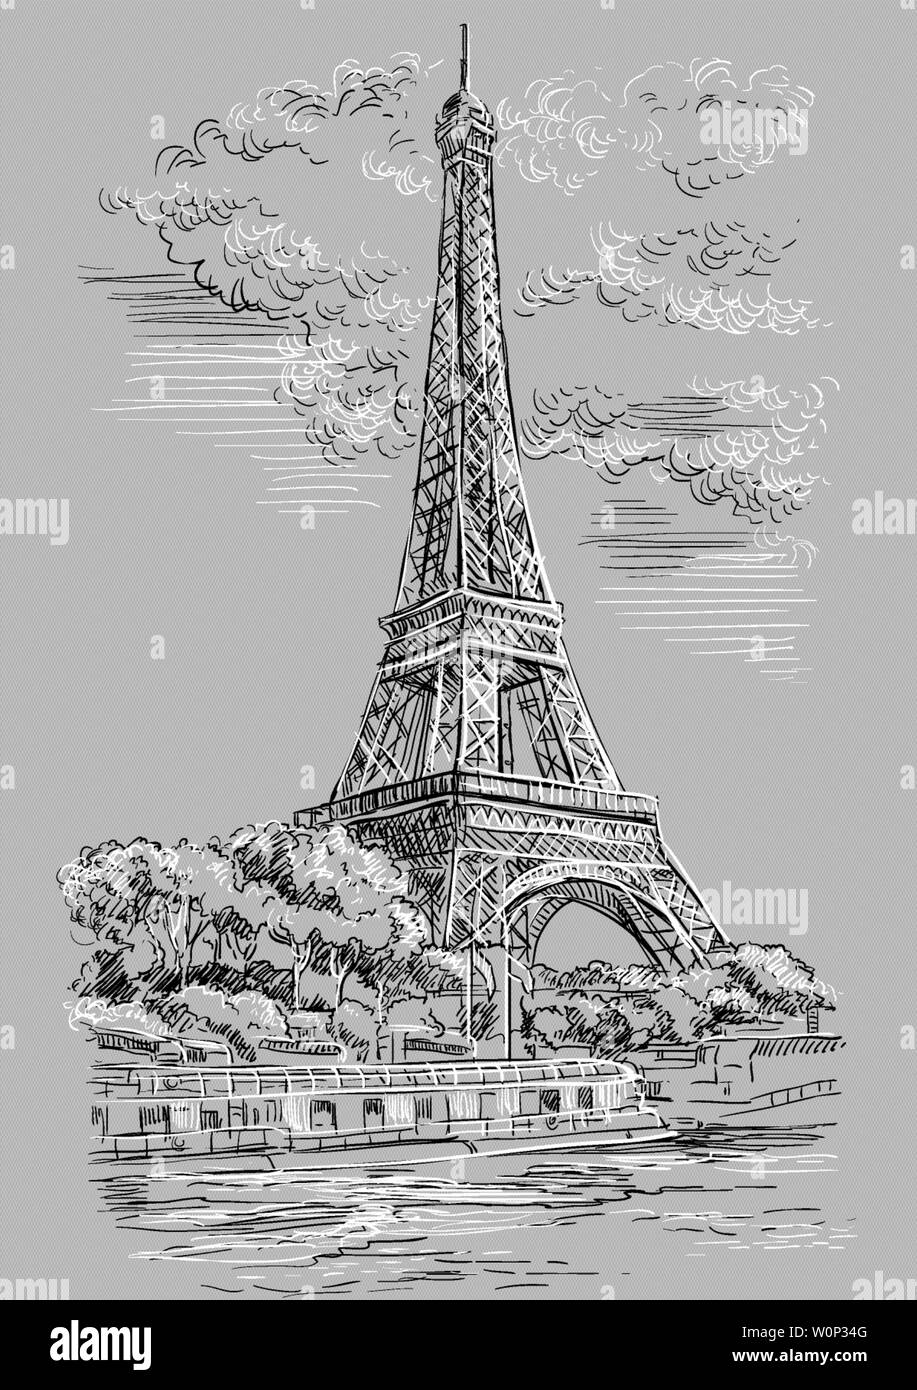 Dibujo A Mano Ilustración Vectorial De La Torre Eiffel París Francia Hito De París Paisaje Con Vista A La Torre Eiffel El Río Sena Terraplén Vect Imagen Vector De Stock Alamy